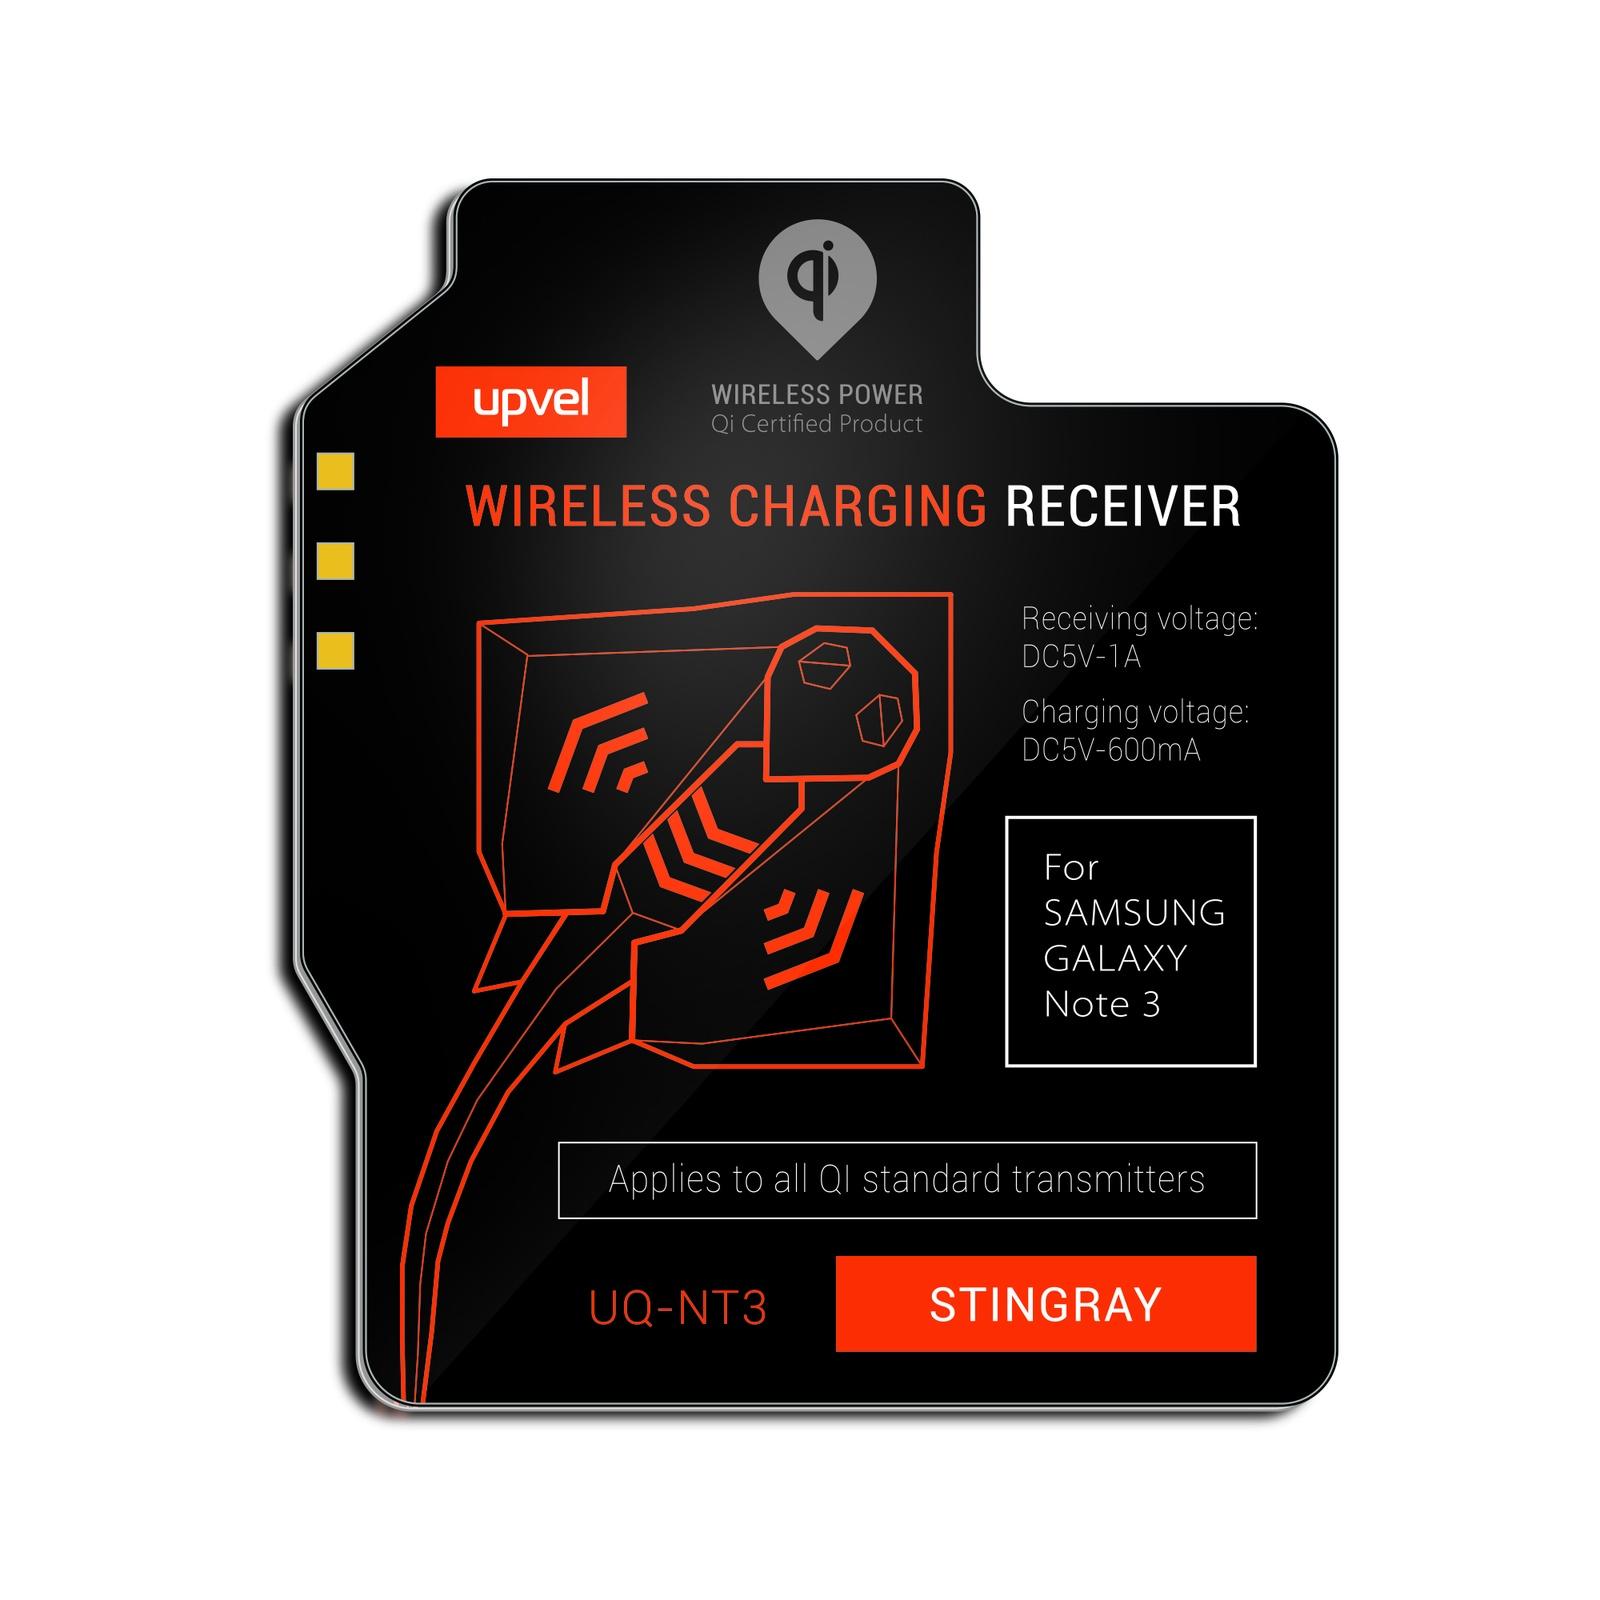 UPVEL UQ-NT3 Stingray для Samsung Galaxy Note 3, Black модуль-приемник беспроводной зарядки стандарта Qi все цены